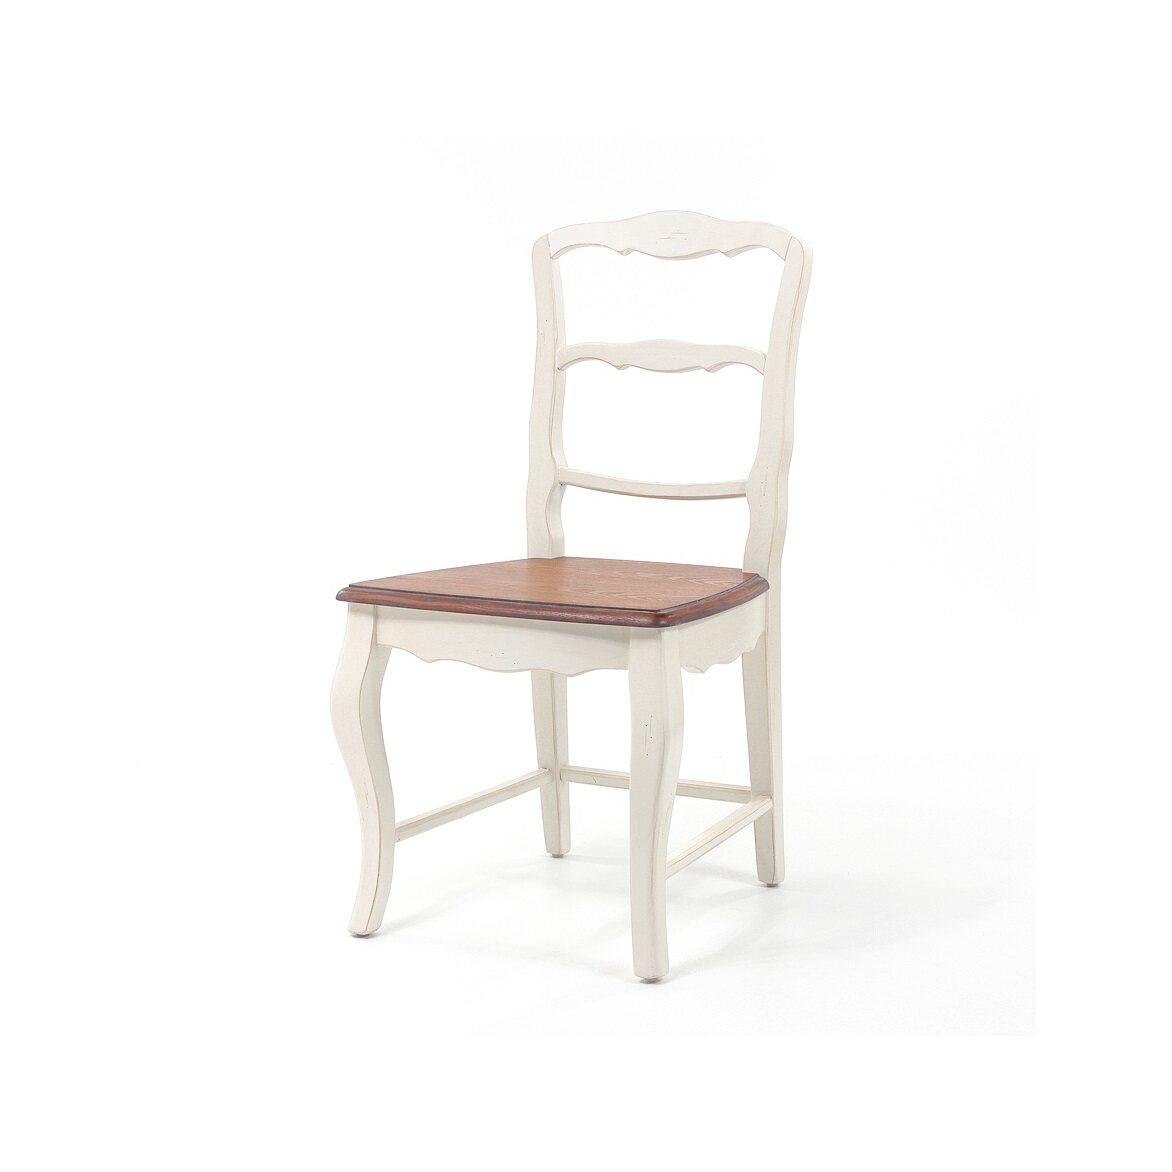 Стул с деревянным сиденьем Leontina, бежевого цвета 5   Обеденные стулья Kingsby